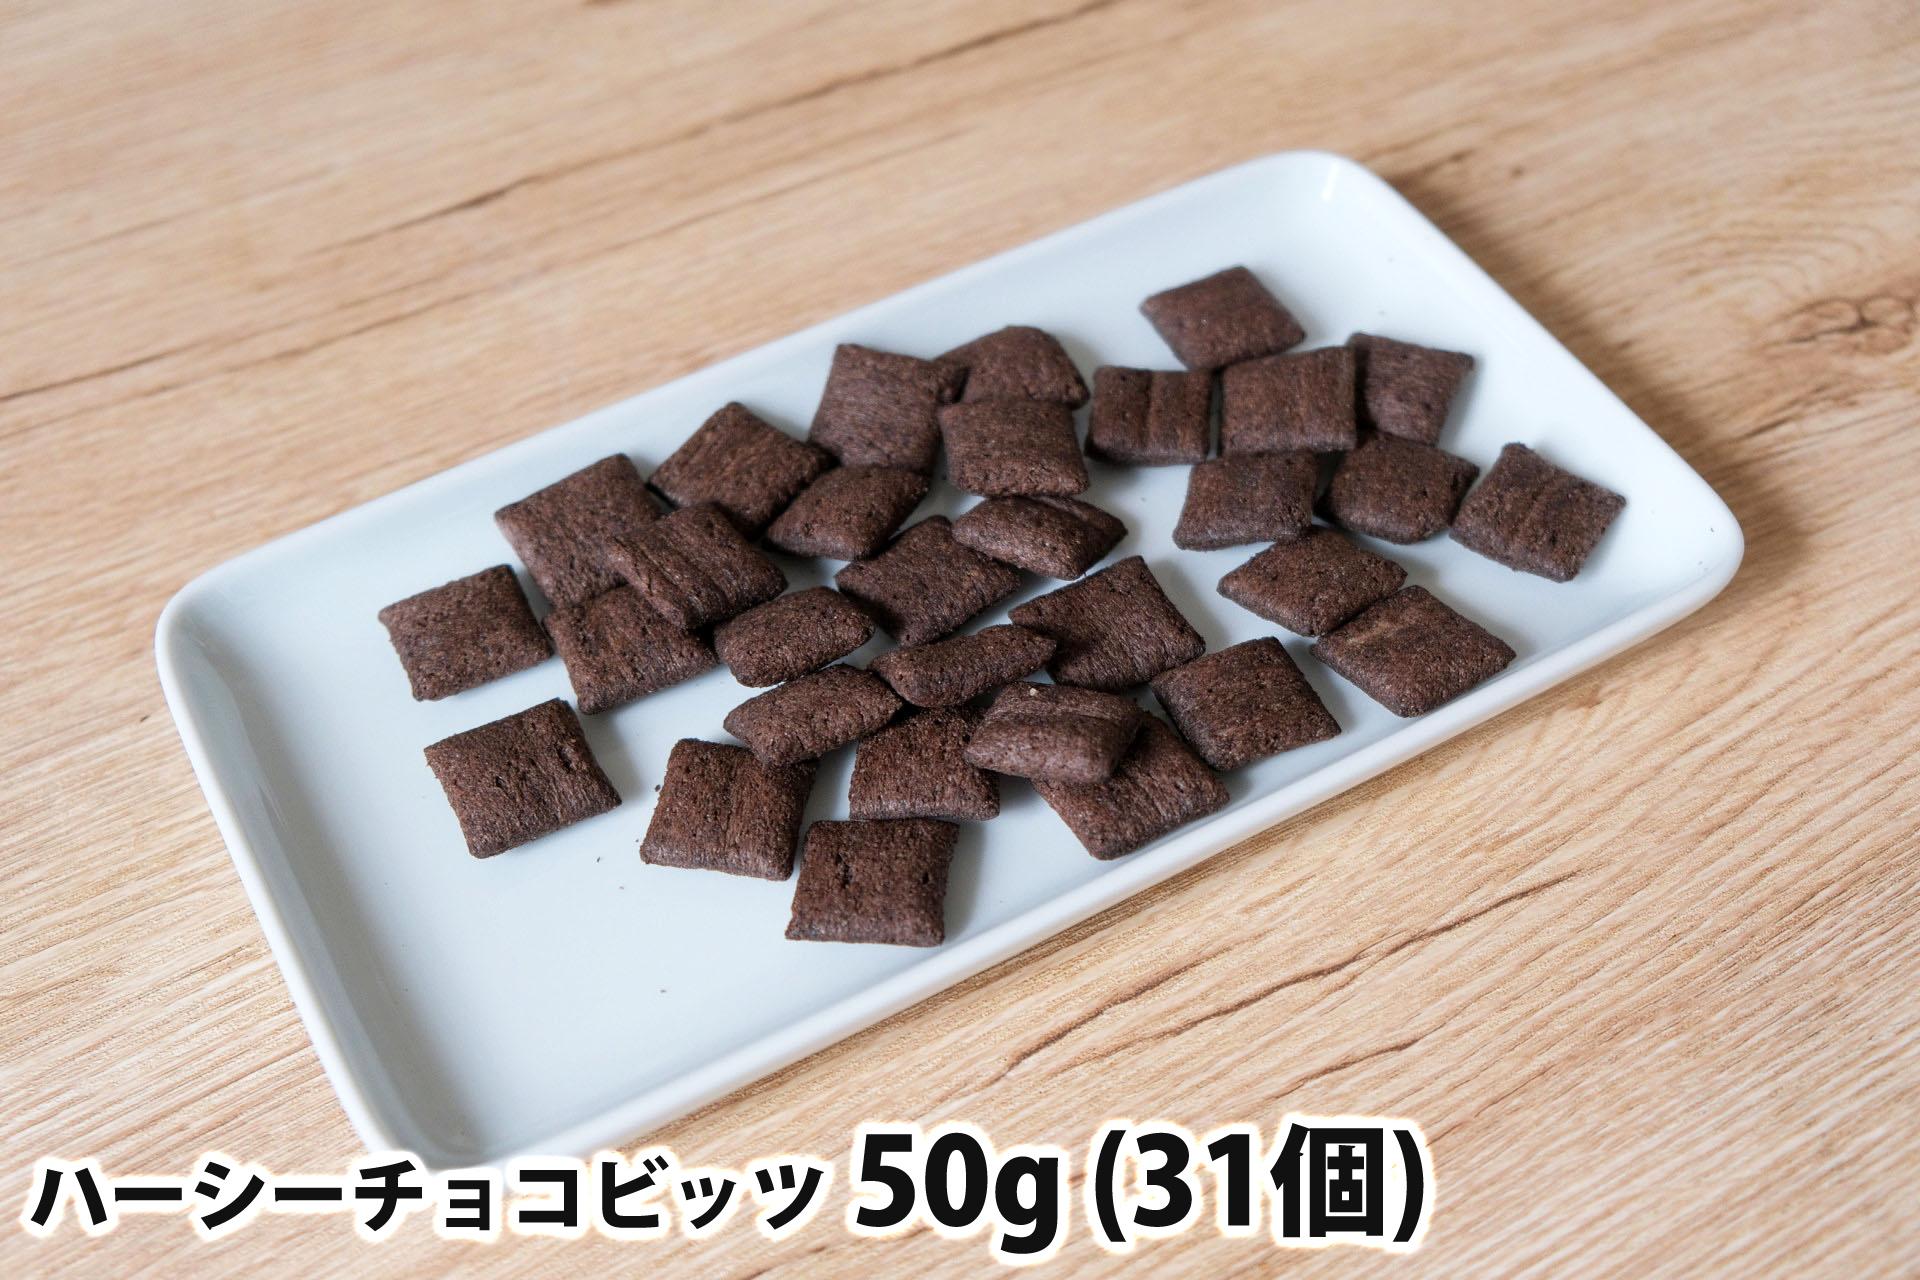 50gのハーシーチョコビッツ(31個)